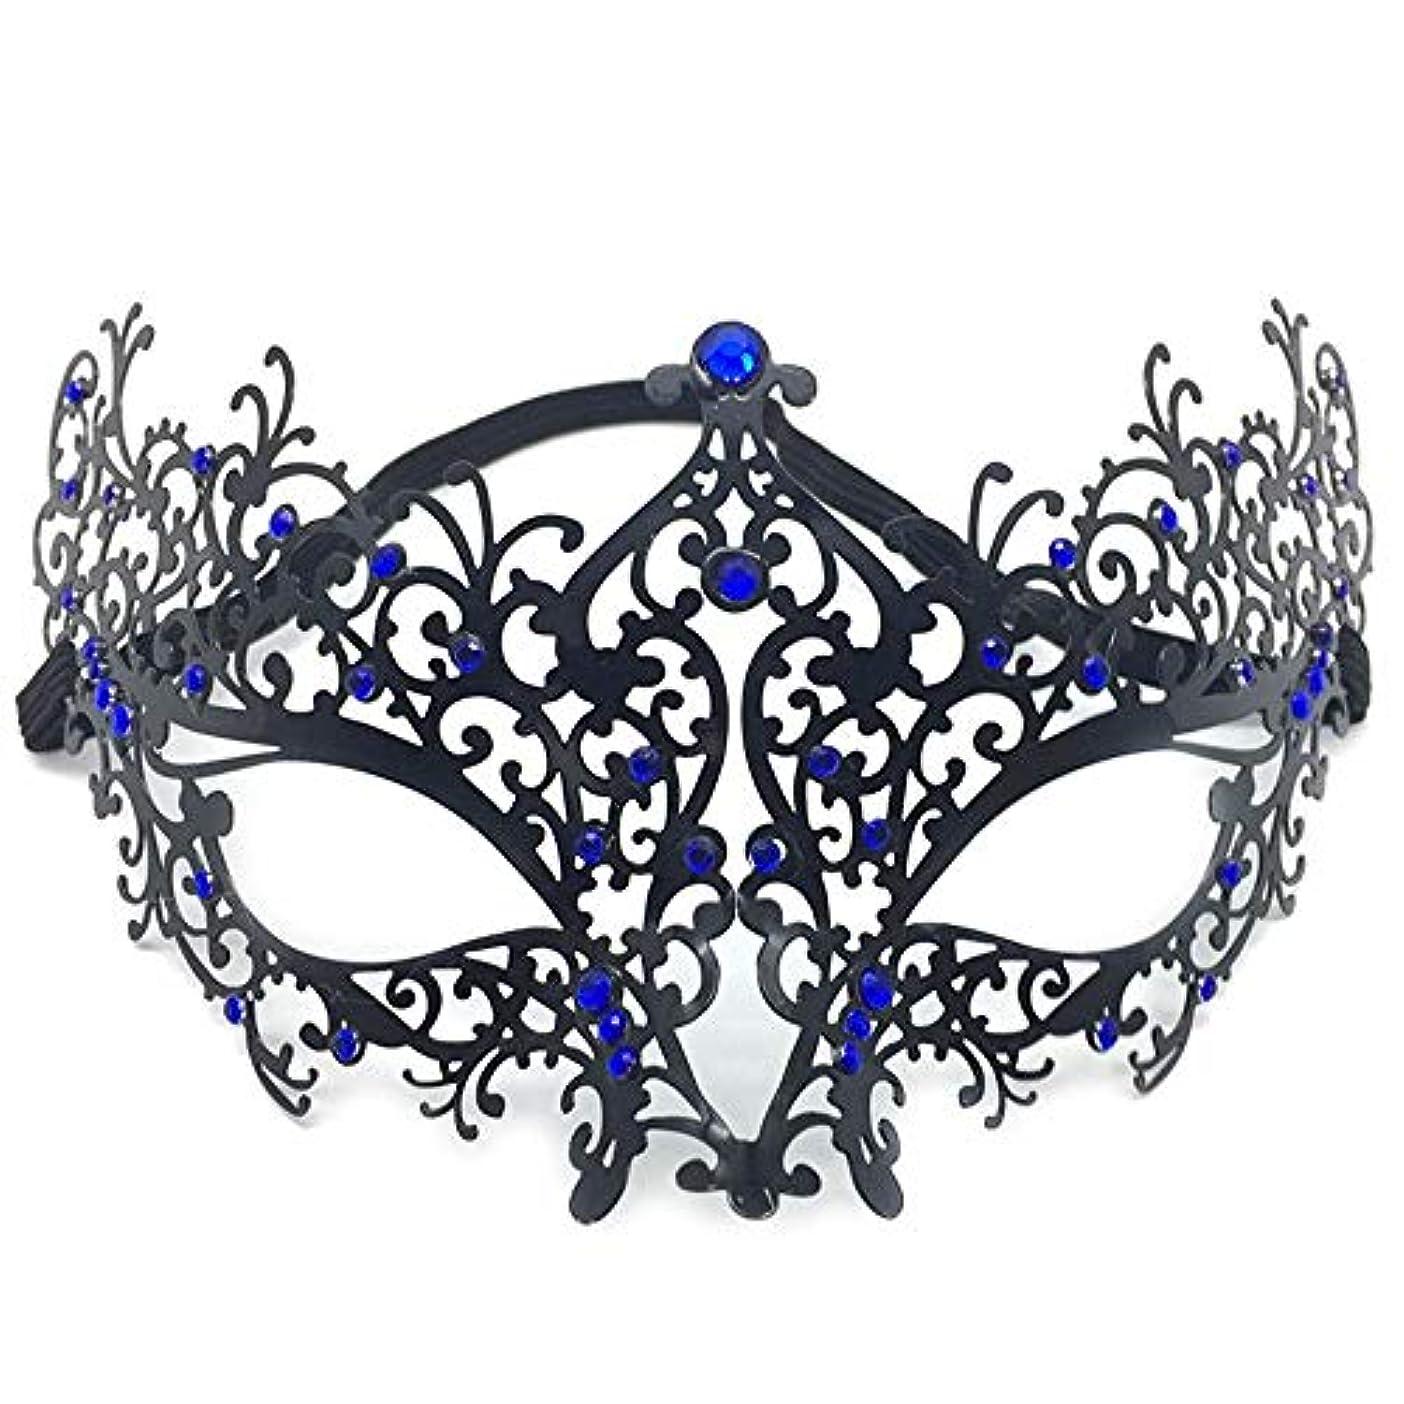 神経障害に向けて出発投げ捨てる仮面舞踏会アイアンマスクパーティーCOSはメタリックダイヤモンドハーフフェイスハロウィンアイアンマスクをドレスアップ (Color : A)